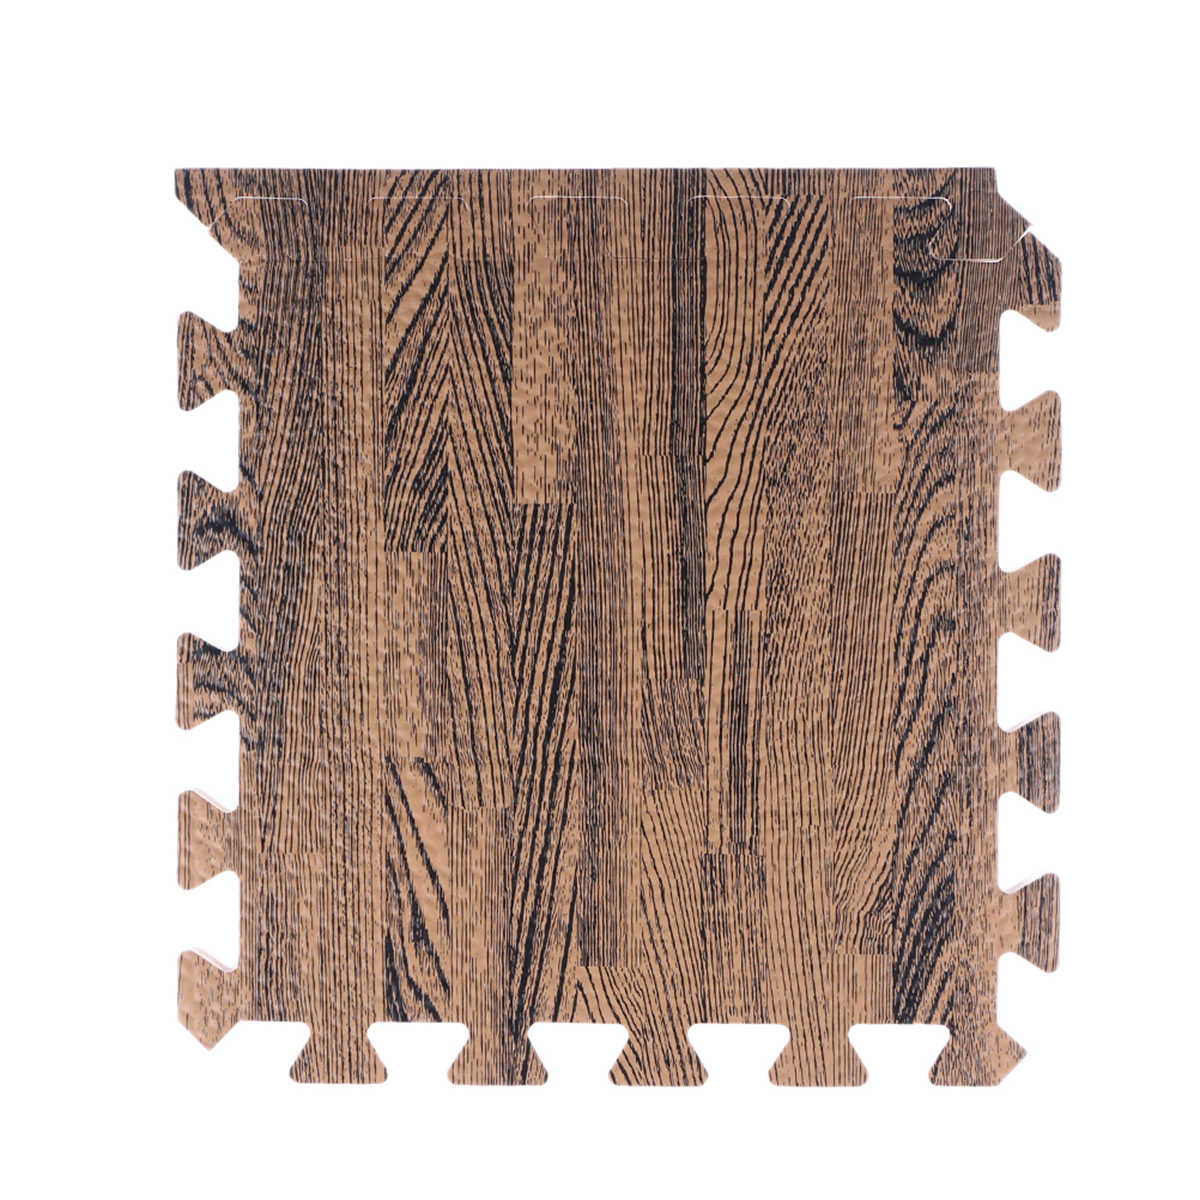 1 шт. 30 см Коврик для упражнений под дерево переплетенный коврик для ползания коврики для упражнений Коврик для йоги детские защитные упражнения